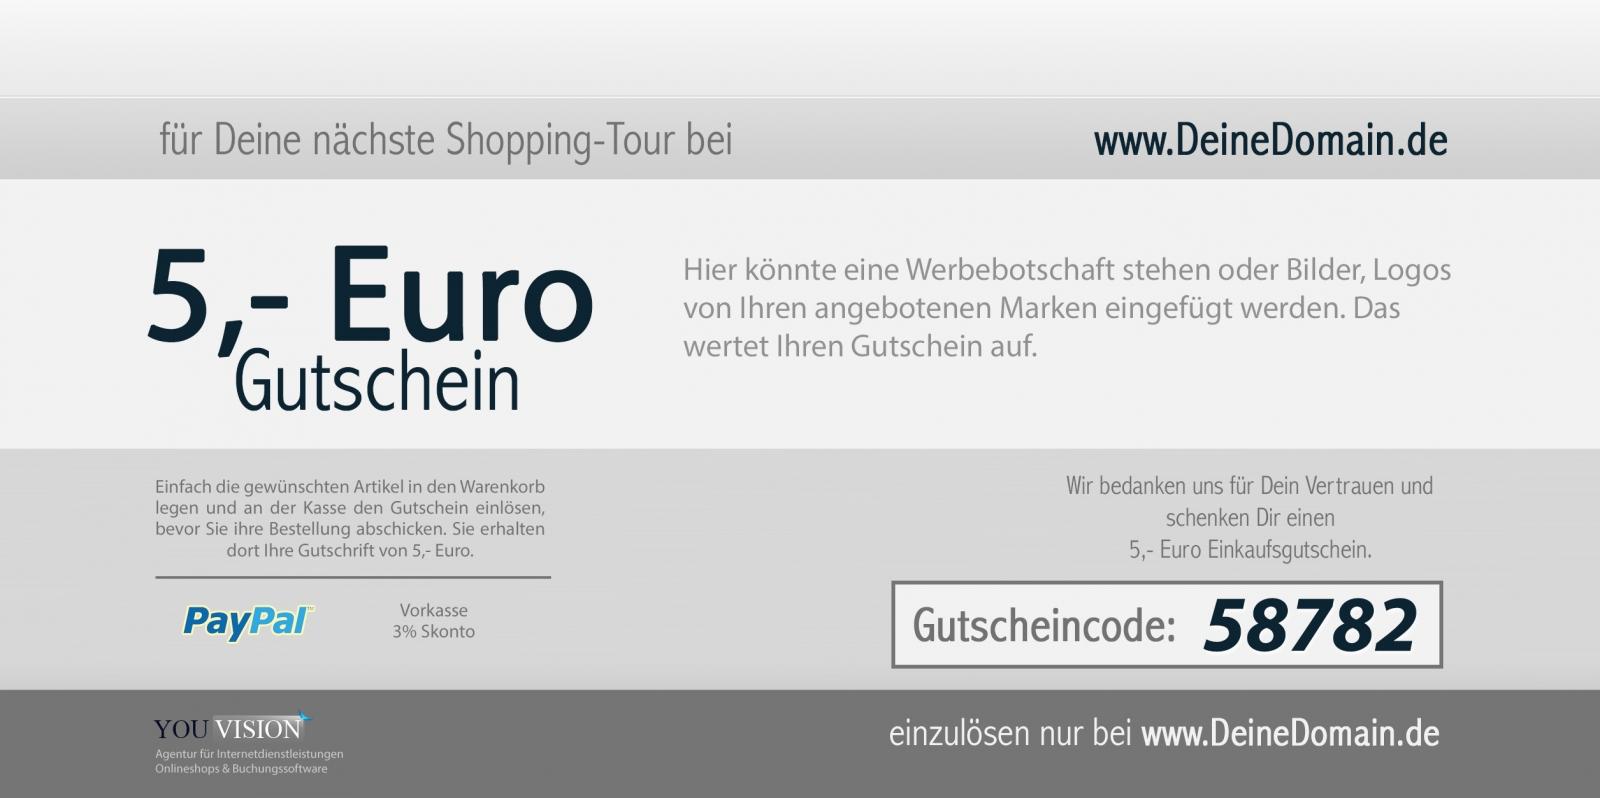 Schön Online Geschenkgutschein Schablone Galerie - Bilder für das ...